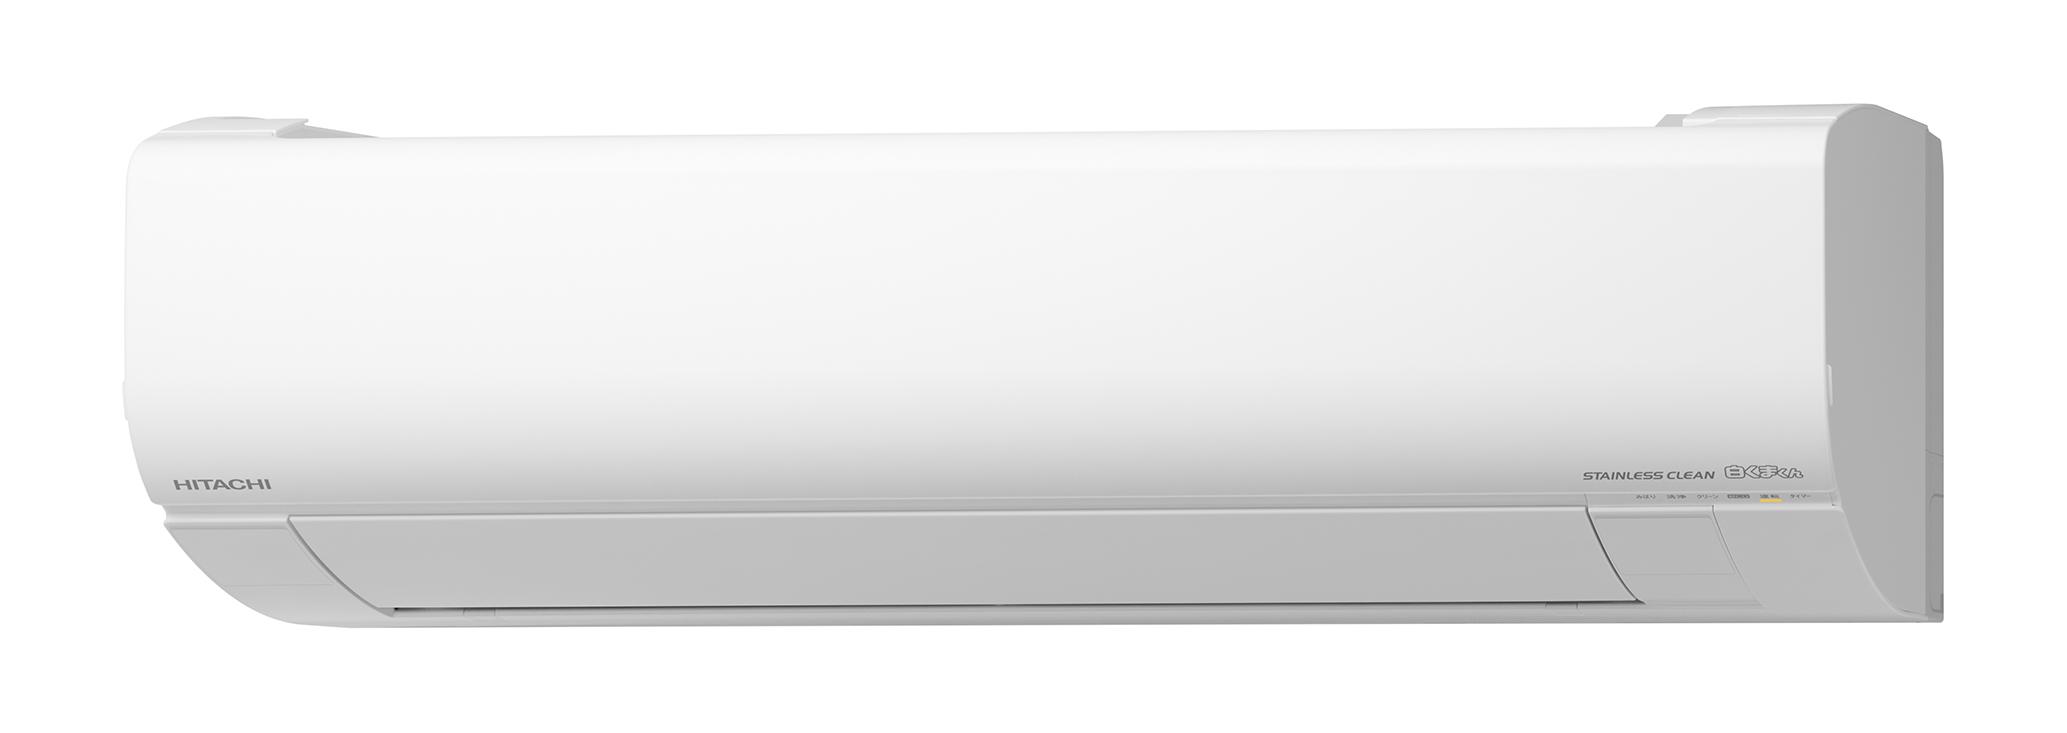 【ご参考資料】ファン自動掃除機能の搭載機種を拡大  日立ルームエアコン「白くまくん」Wシリーズ登場